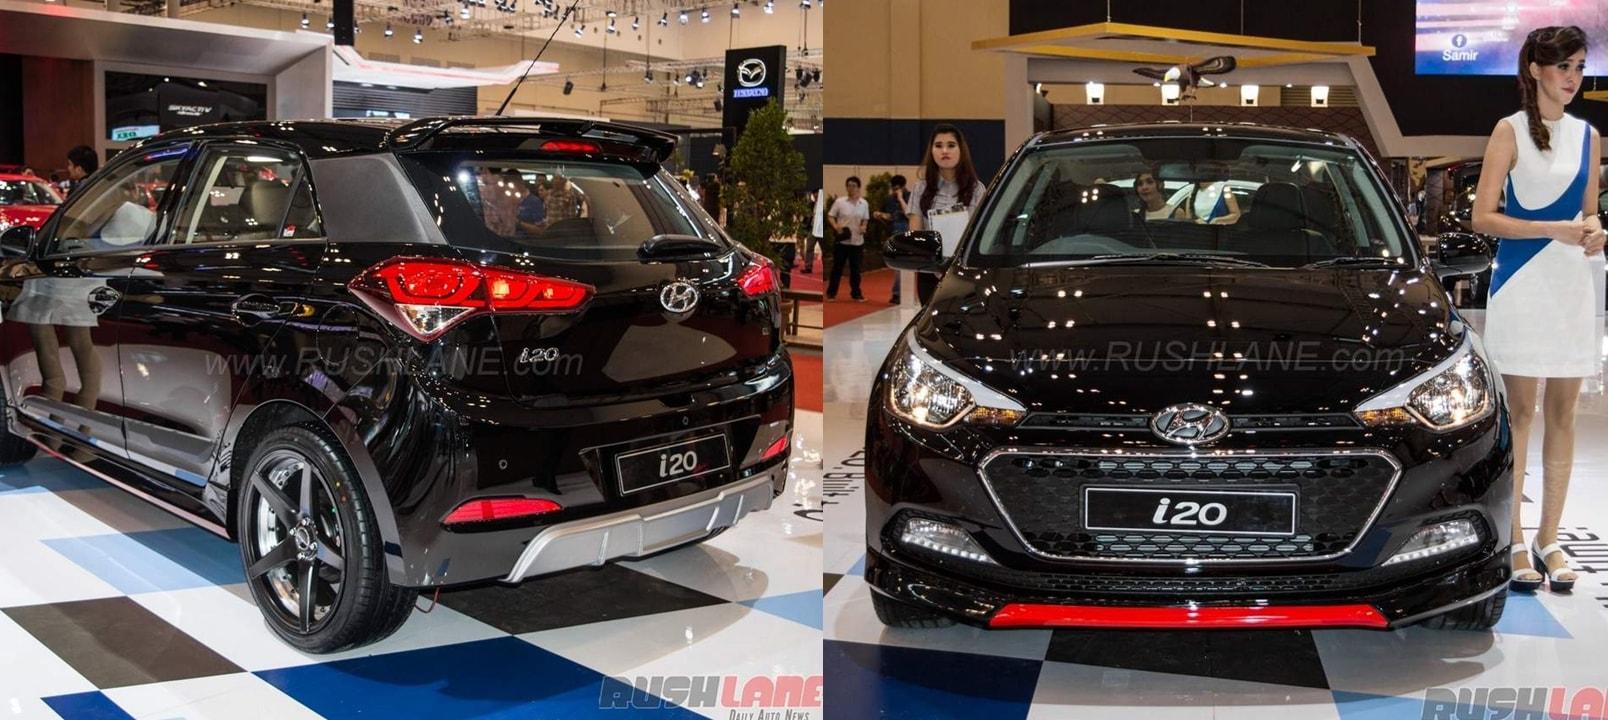 Phantom black Hyundai Elite i20 sport